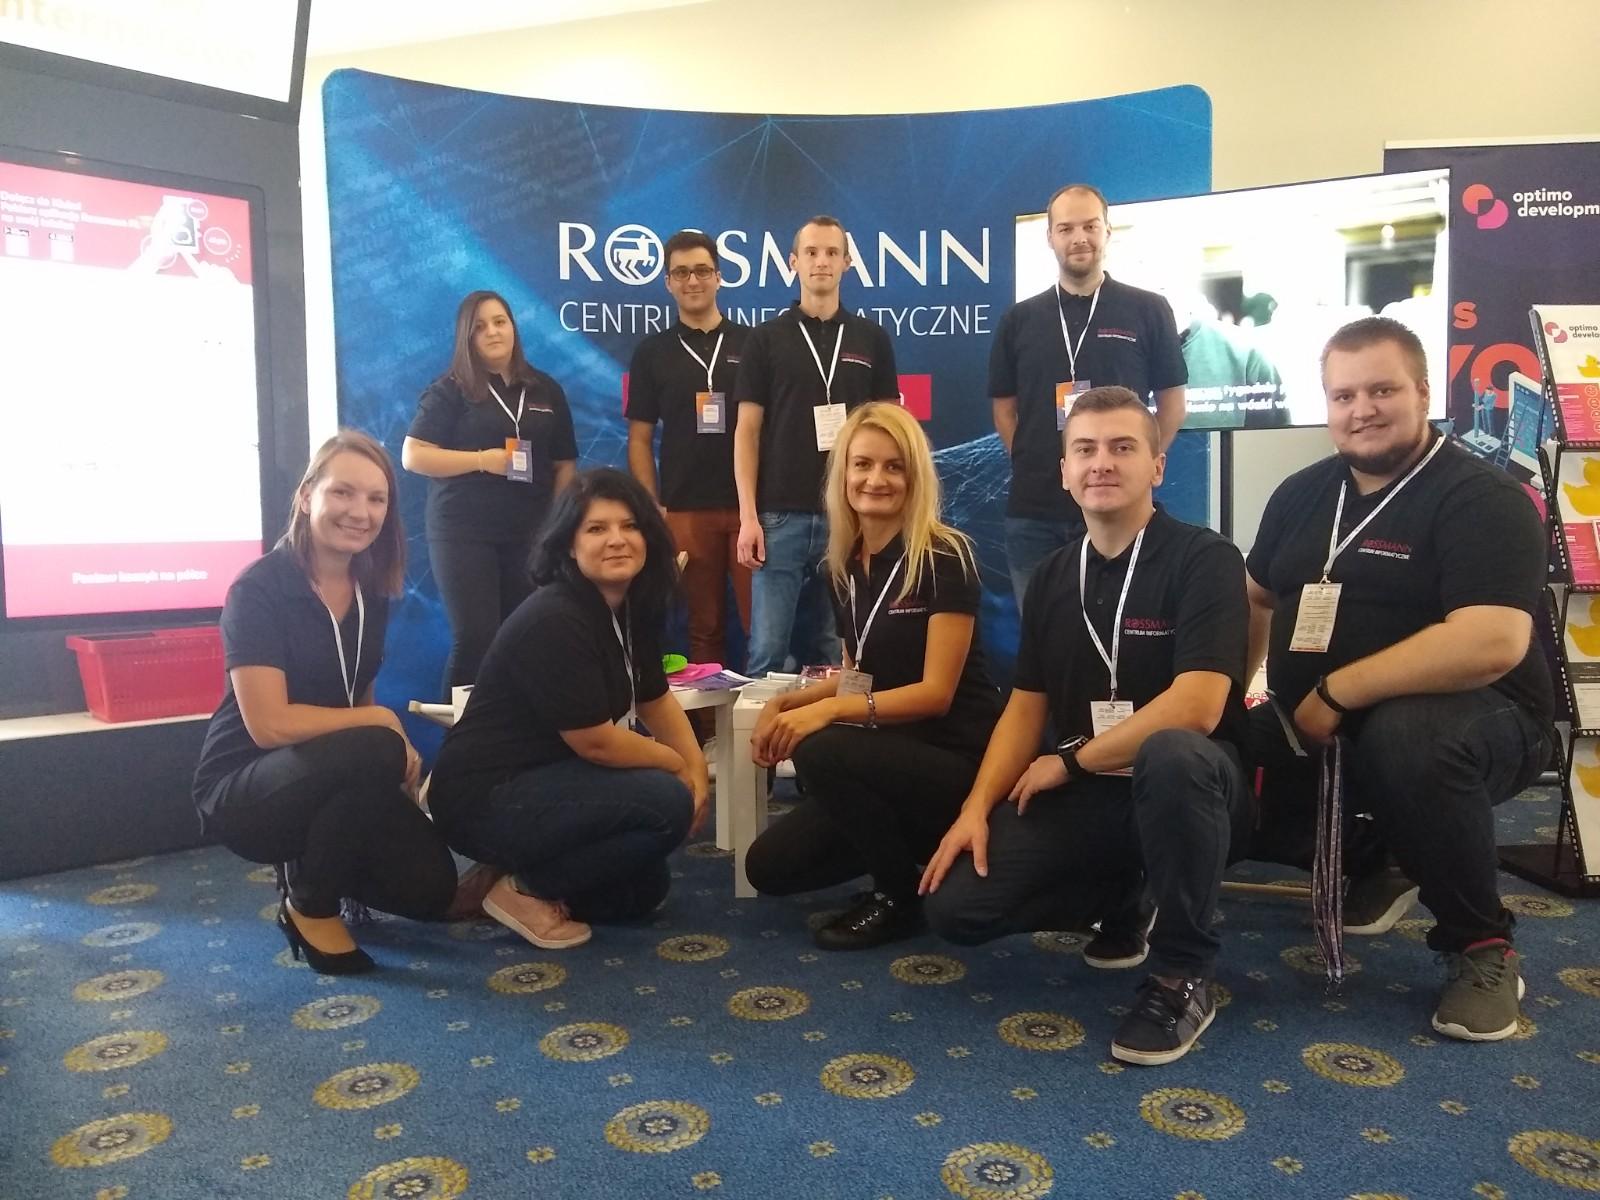 Zespół z Rossmanna na targach IT